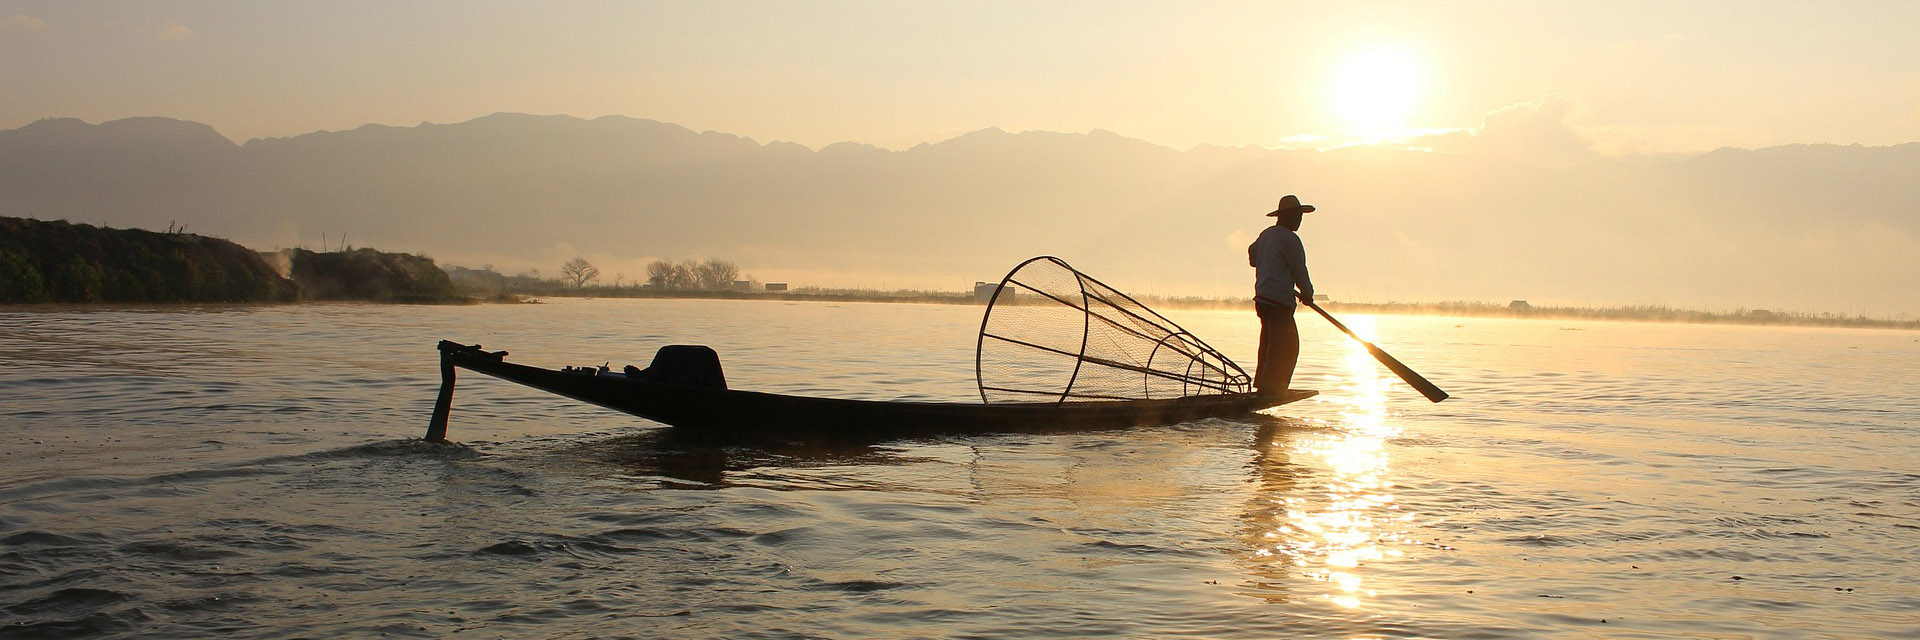 fisherman-myanmar